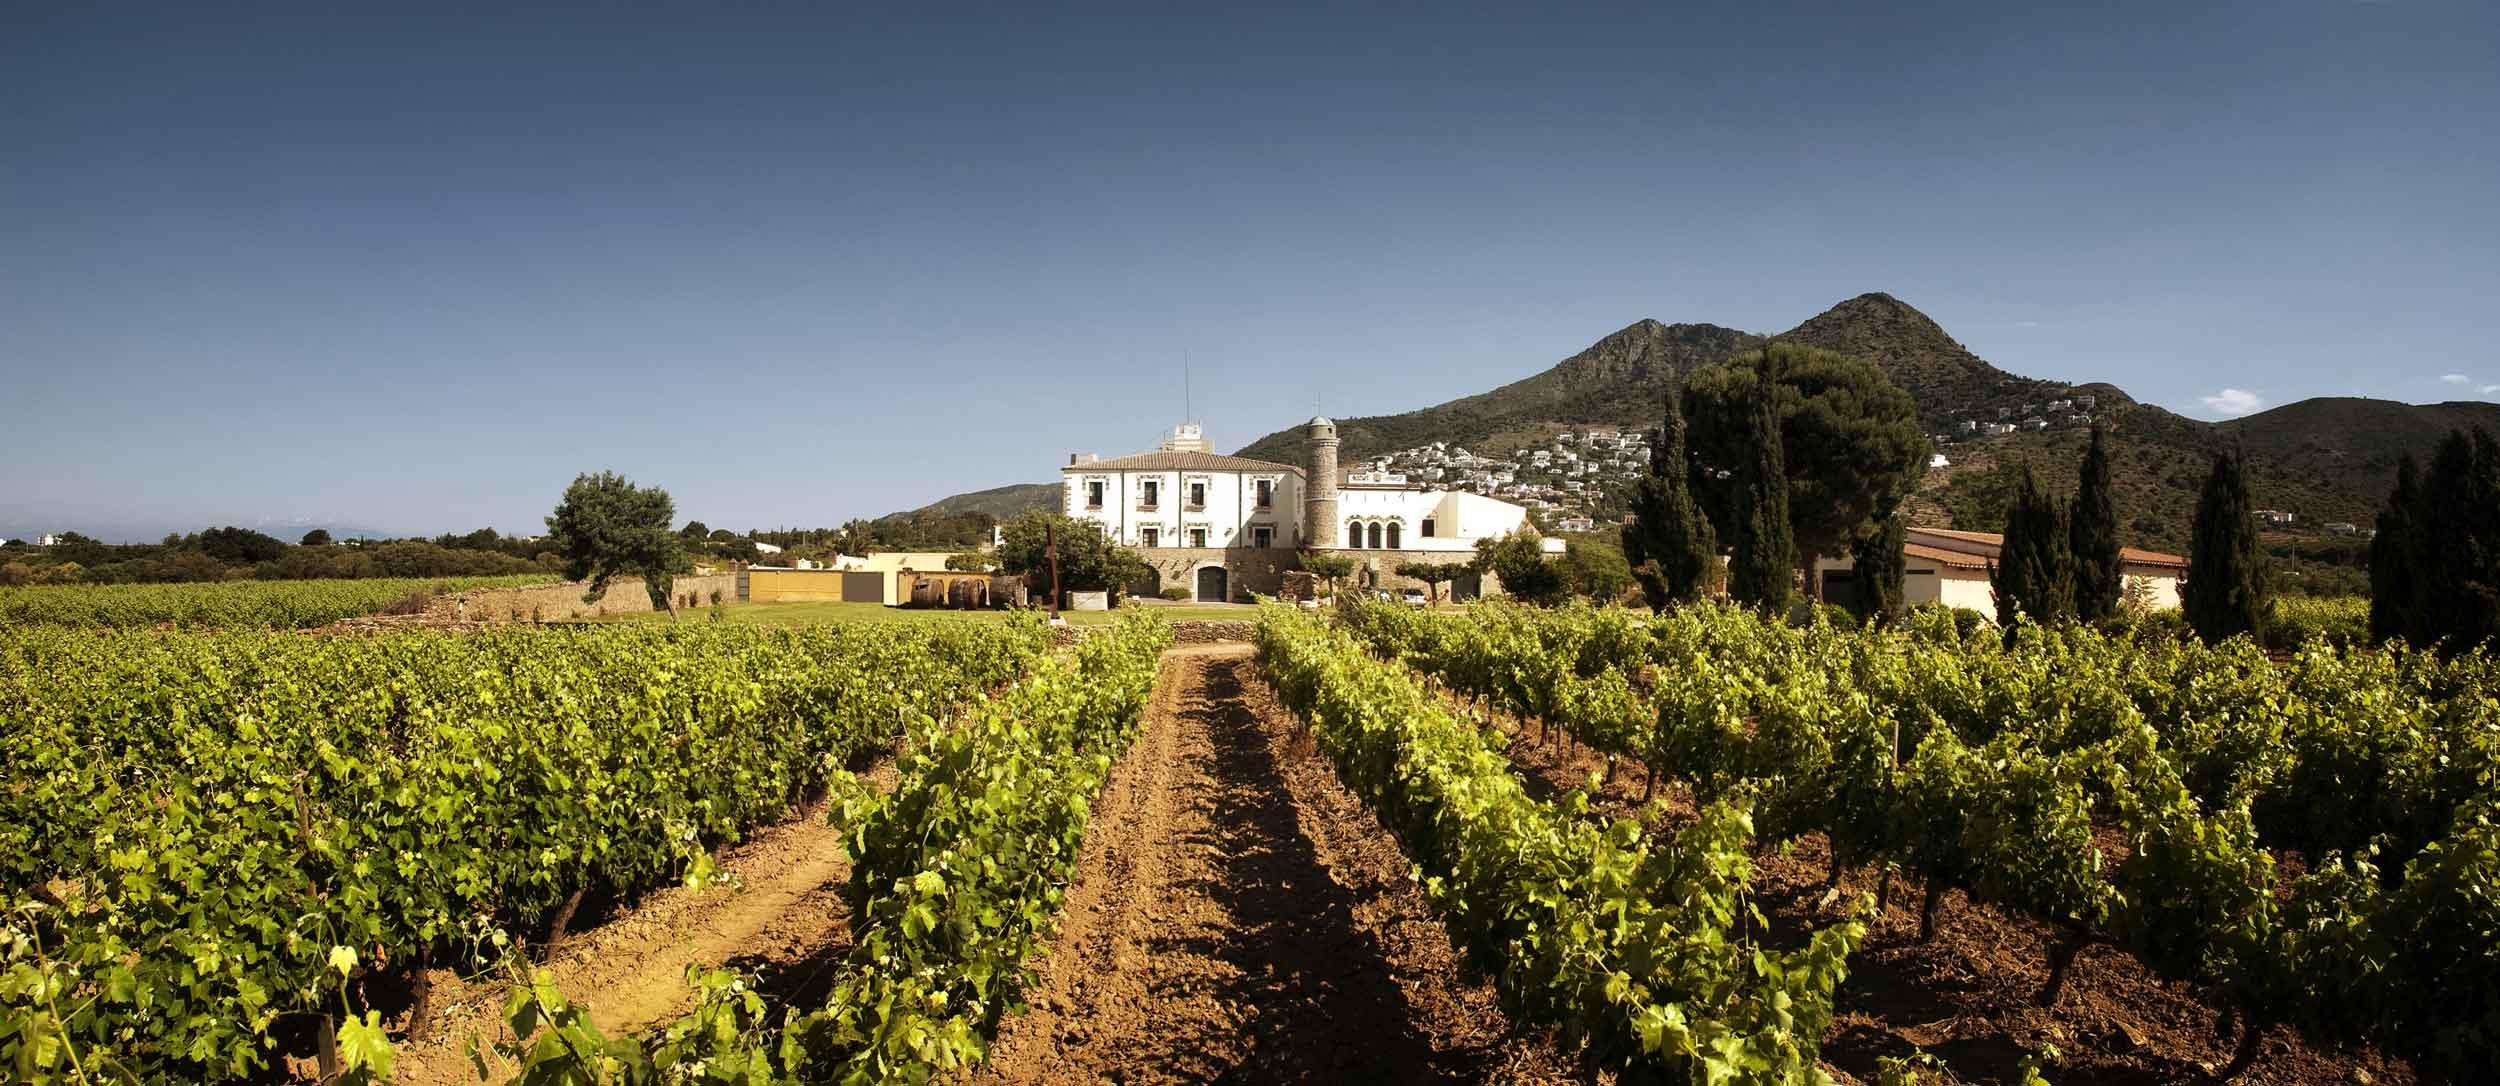 Winery/Vineyard in Roses, Spain